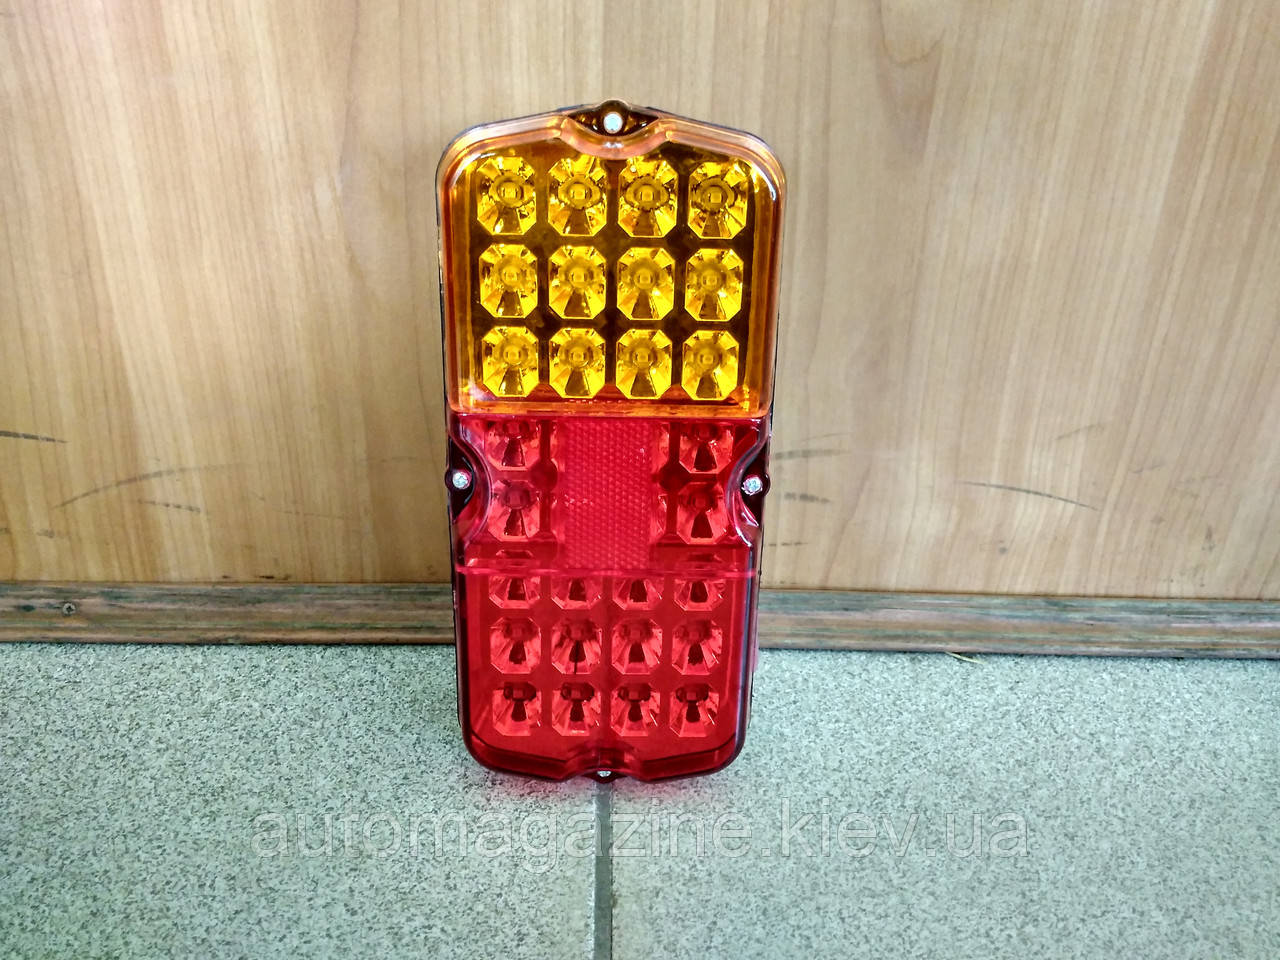 Ліхтар задній УАЗ (світлодіодний)